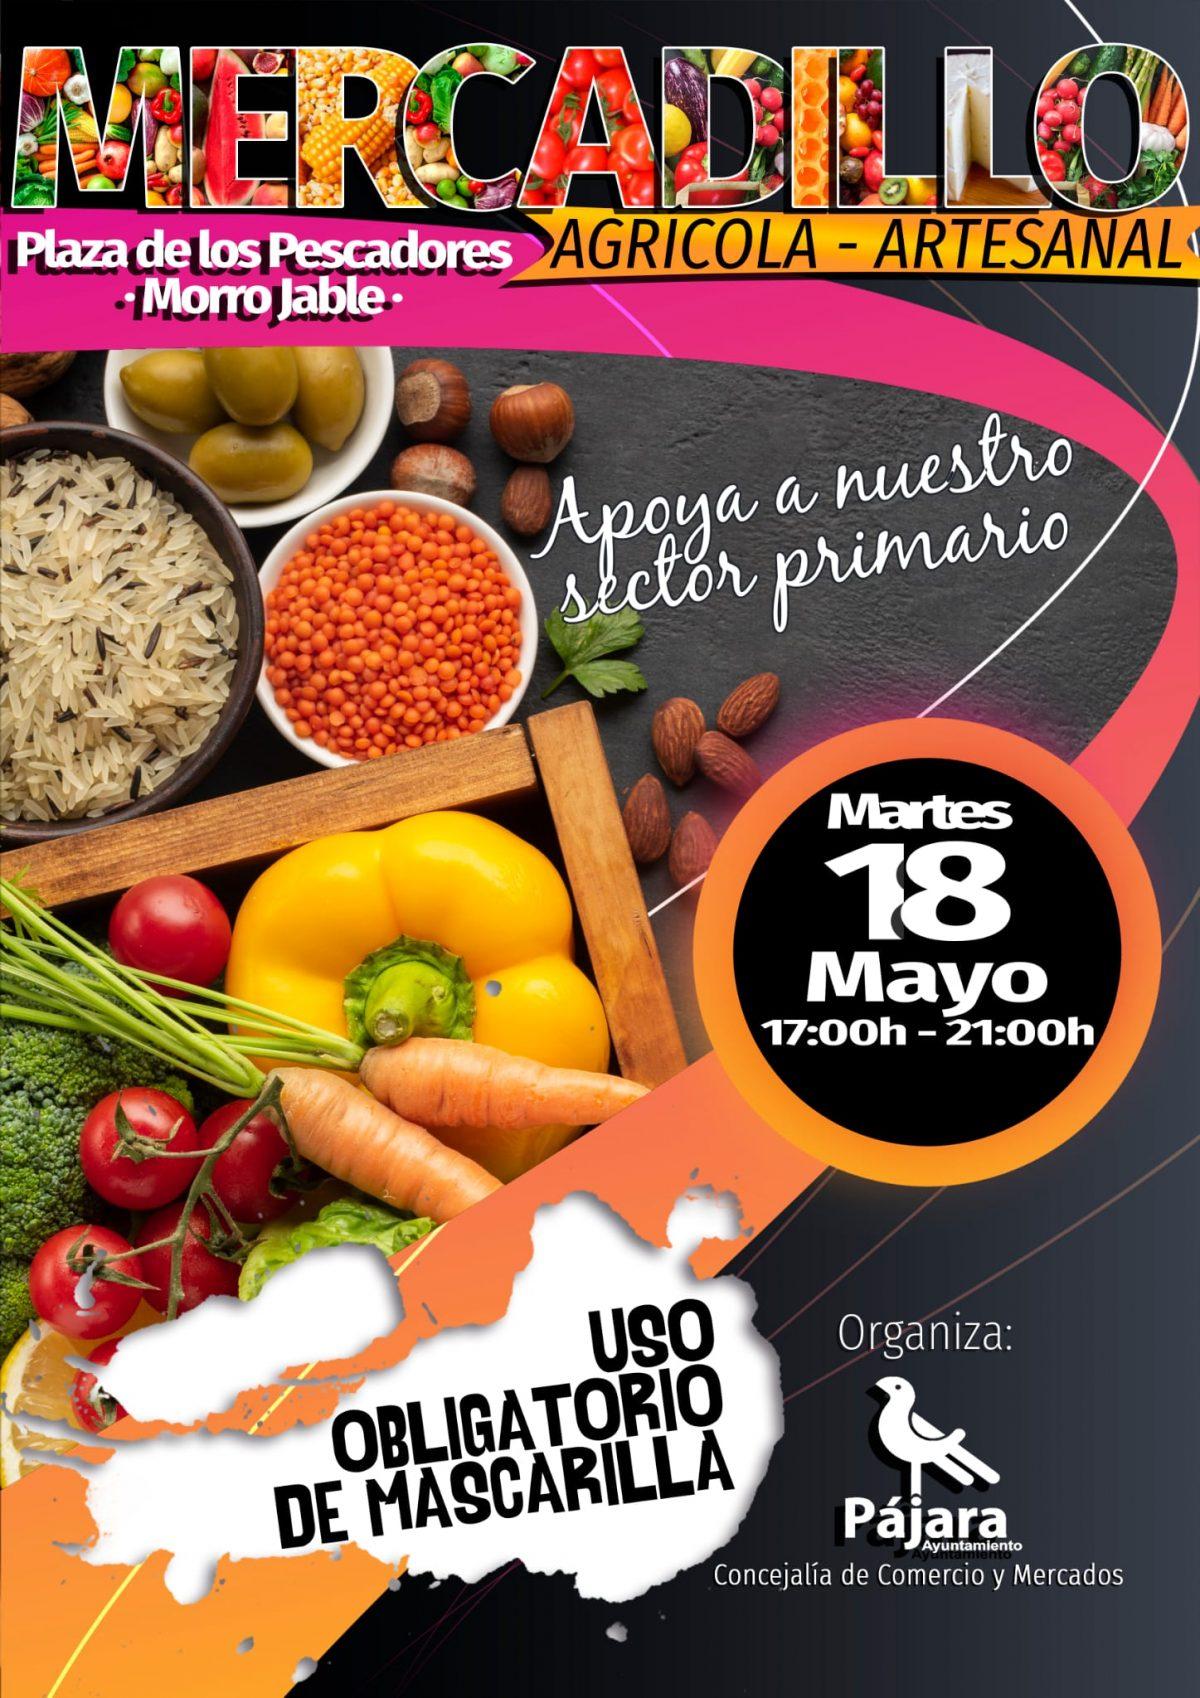 Morro Jable acoge una nueva edición de su tradicional Mercadillo Agrícola y Artesanal